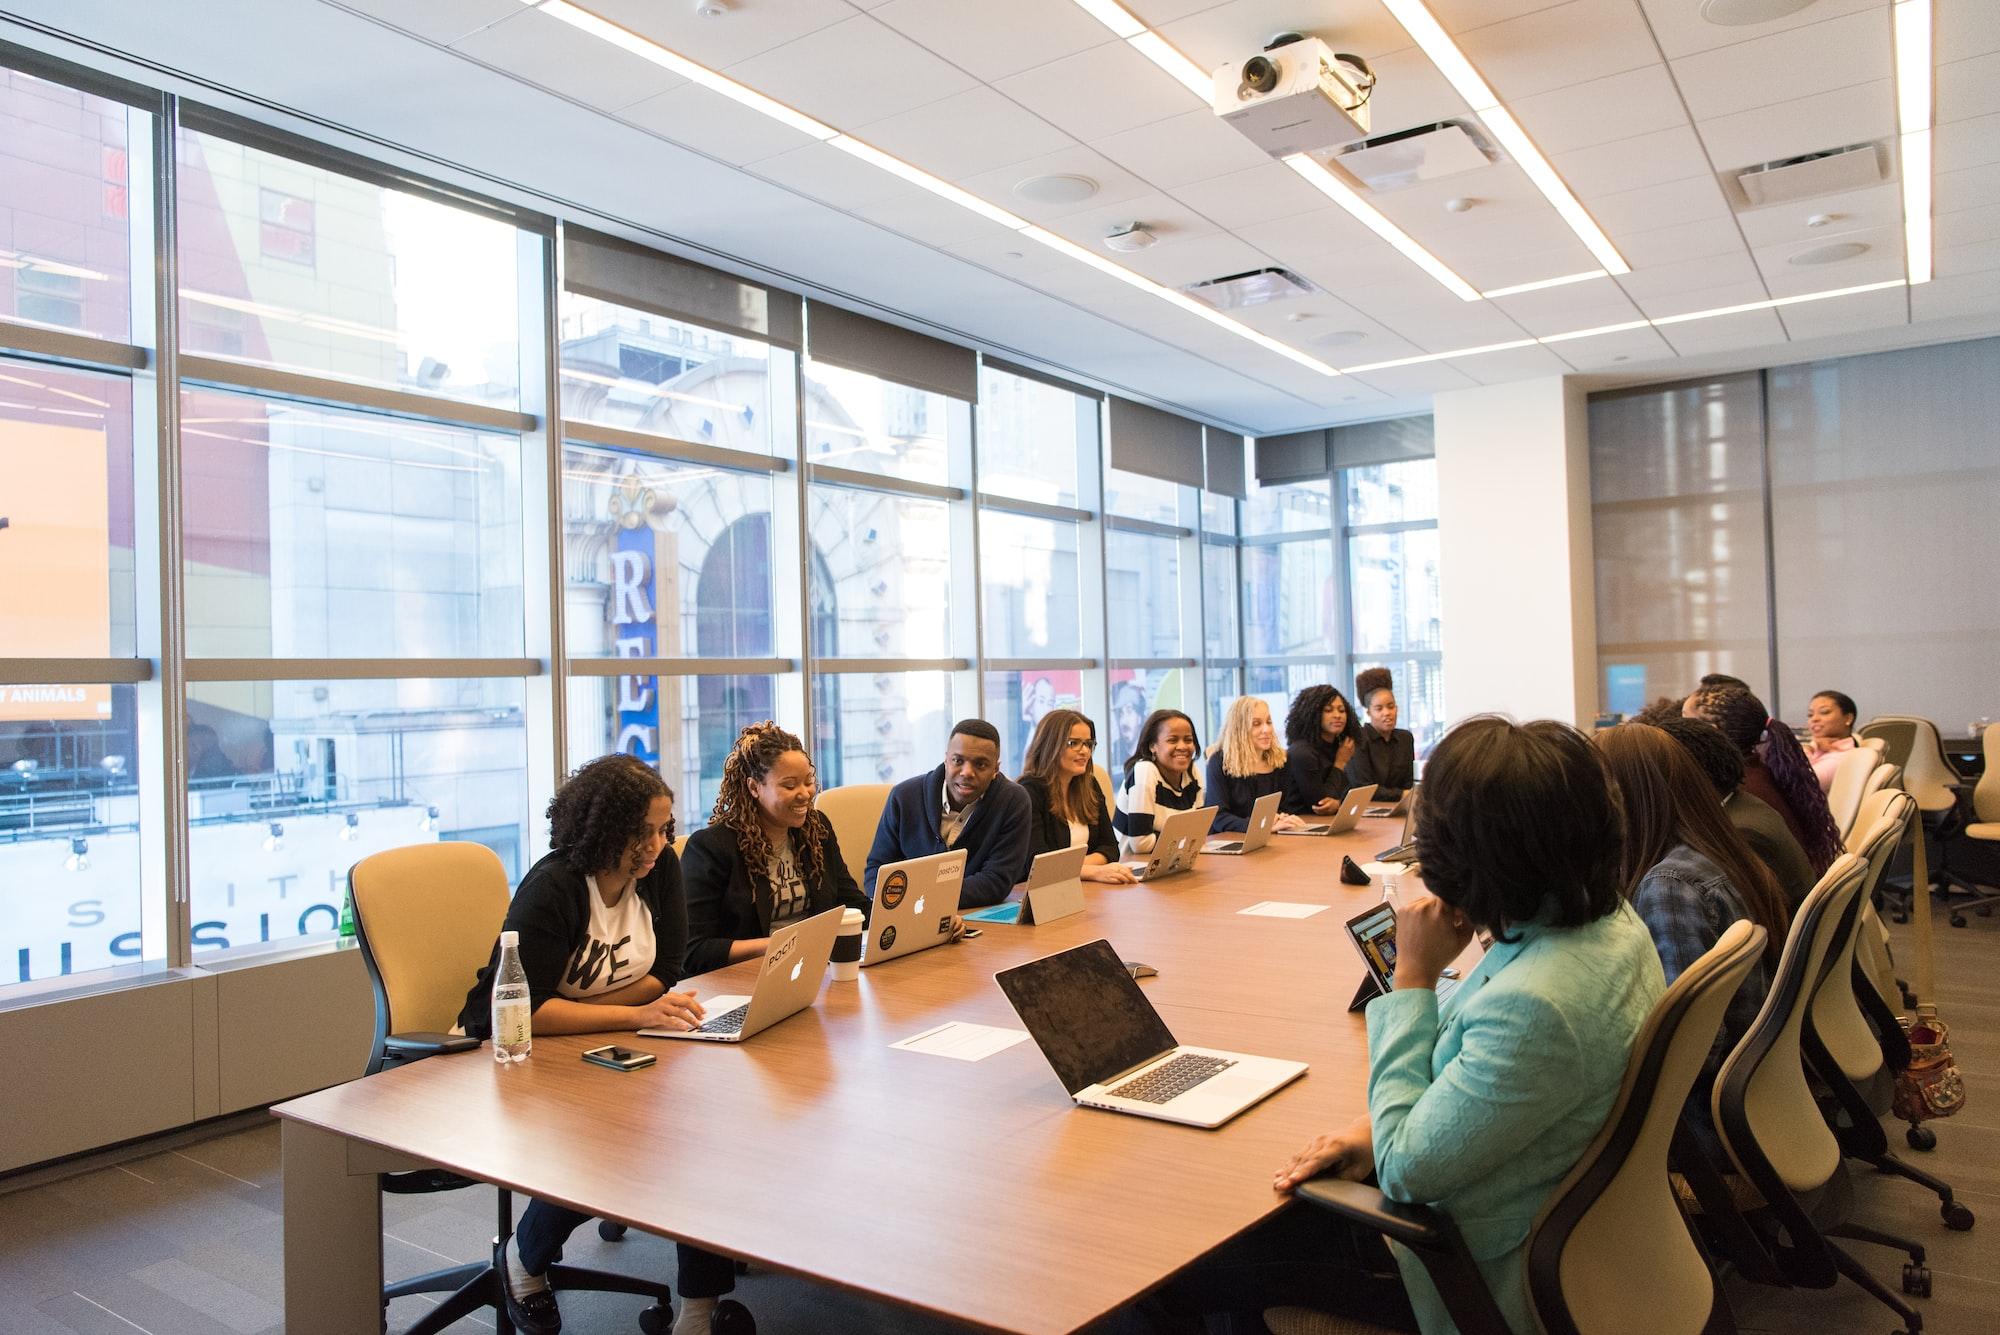 [文文報專欄#2]什麼是好的會議?所謂的會議效率是在追求什麼?